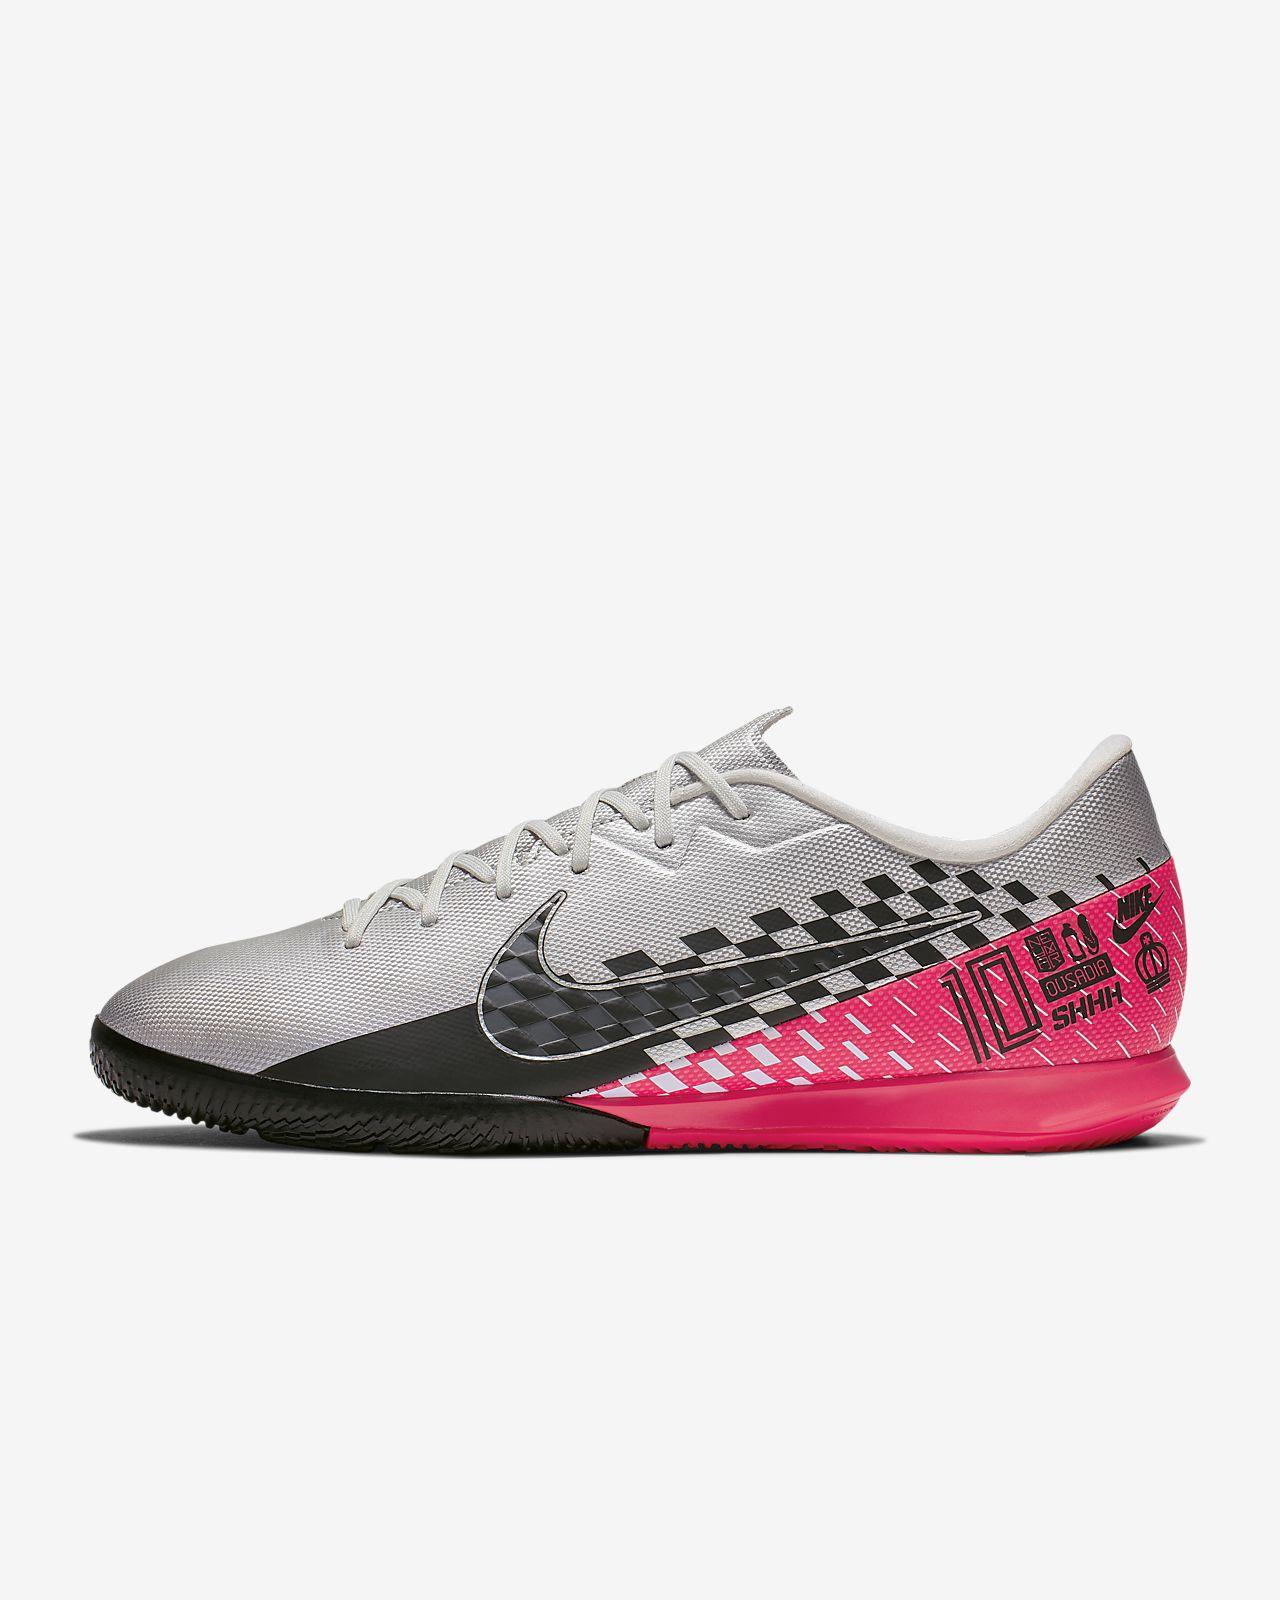 Nike Mercurial Vapor 13 Academy Neymar Jr. IC Indoor/Court Soccer Shoe